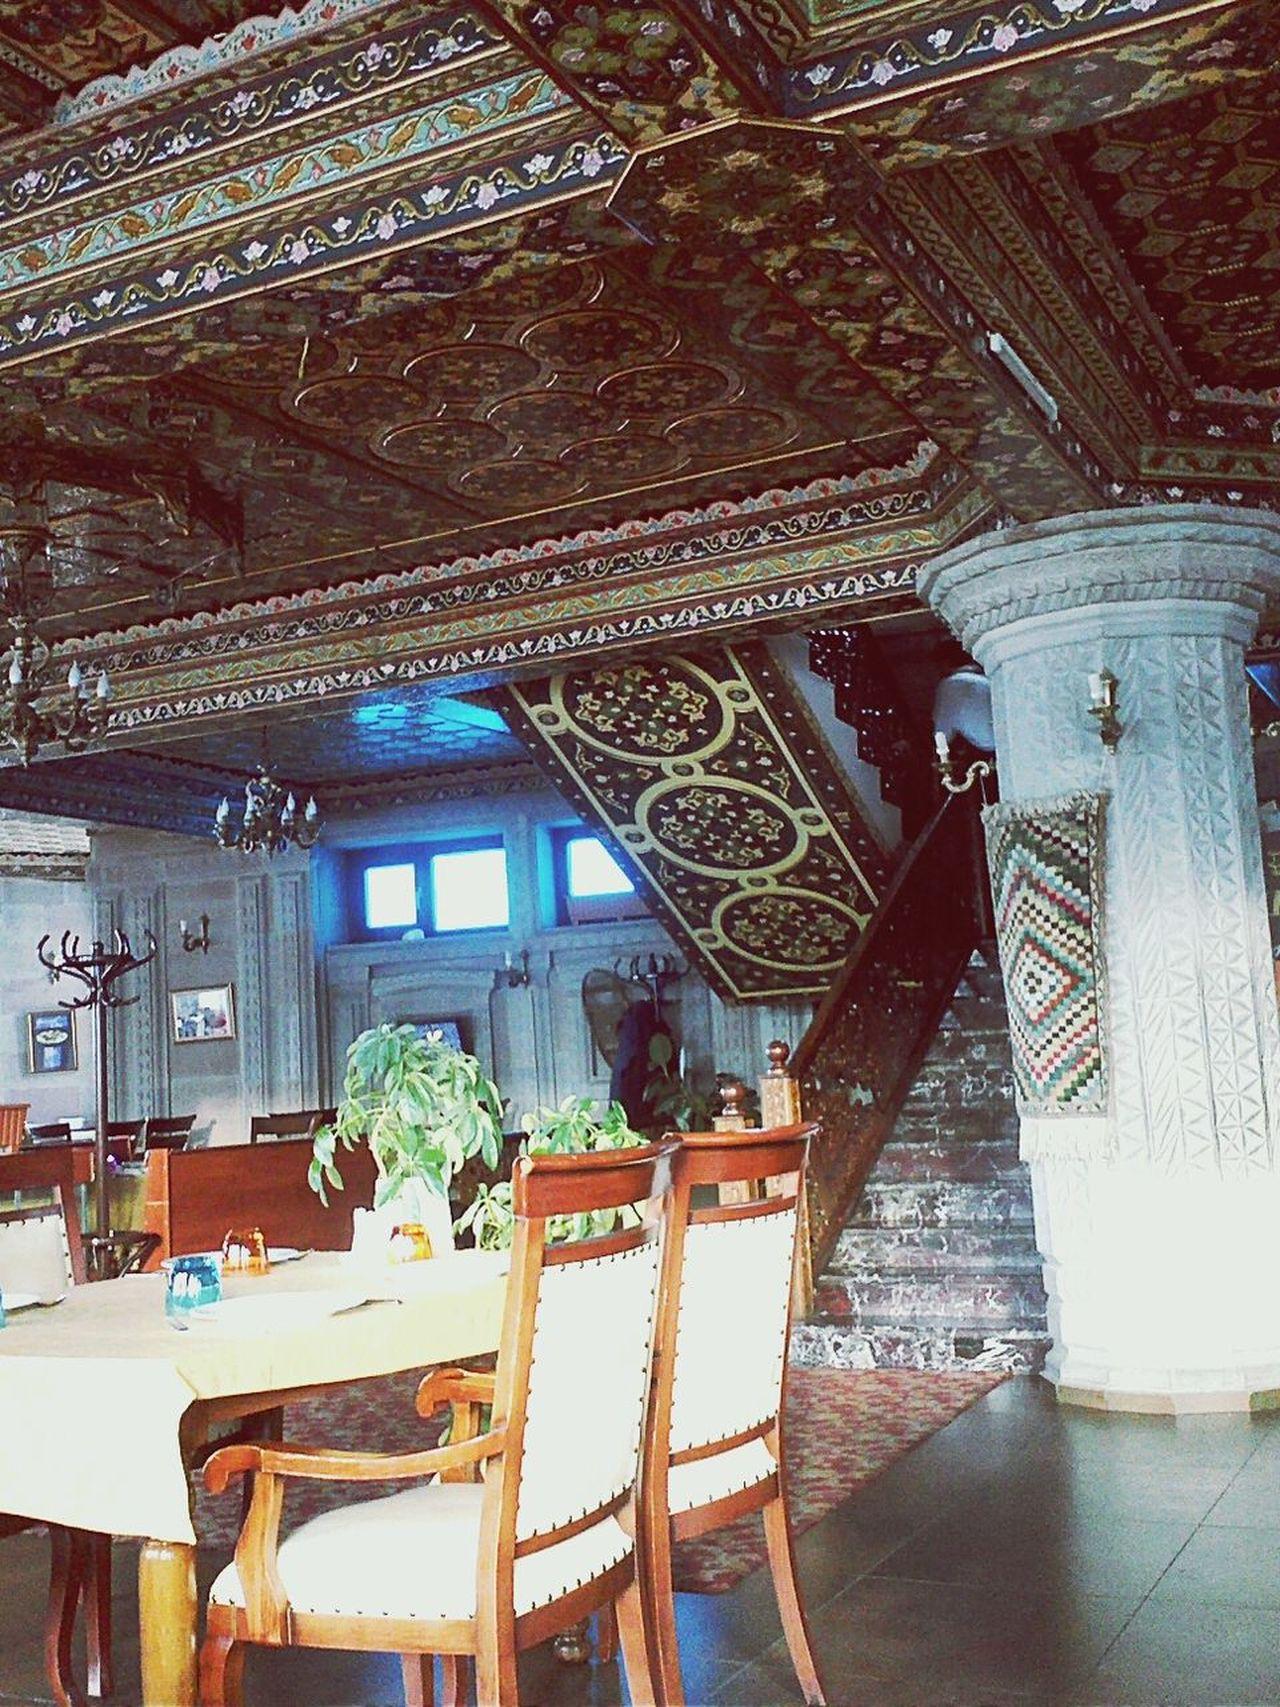 Dekorasyon Restaurant Check This Out Taking Photos